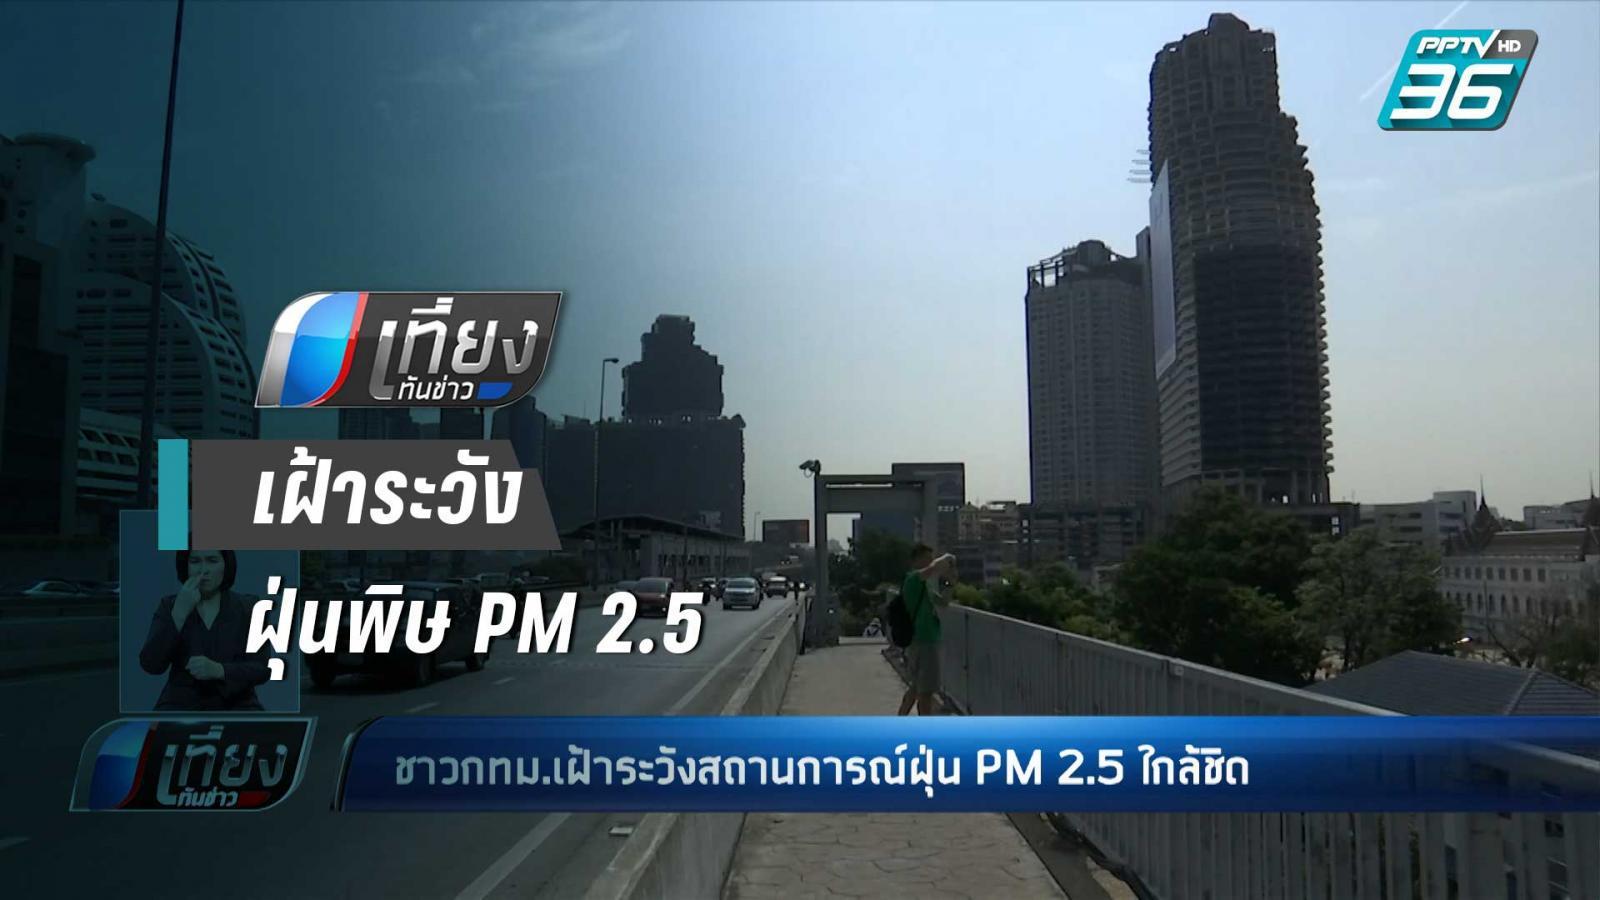 ชาวกทม.เฝ้าระวังสถานการณ์ฝุ่นพิษ PM 2.5 ใกล้ชิด